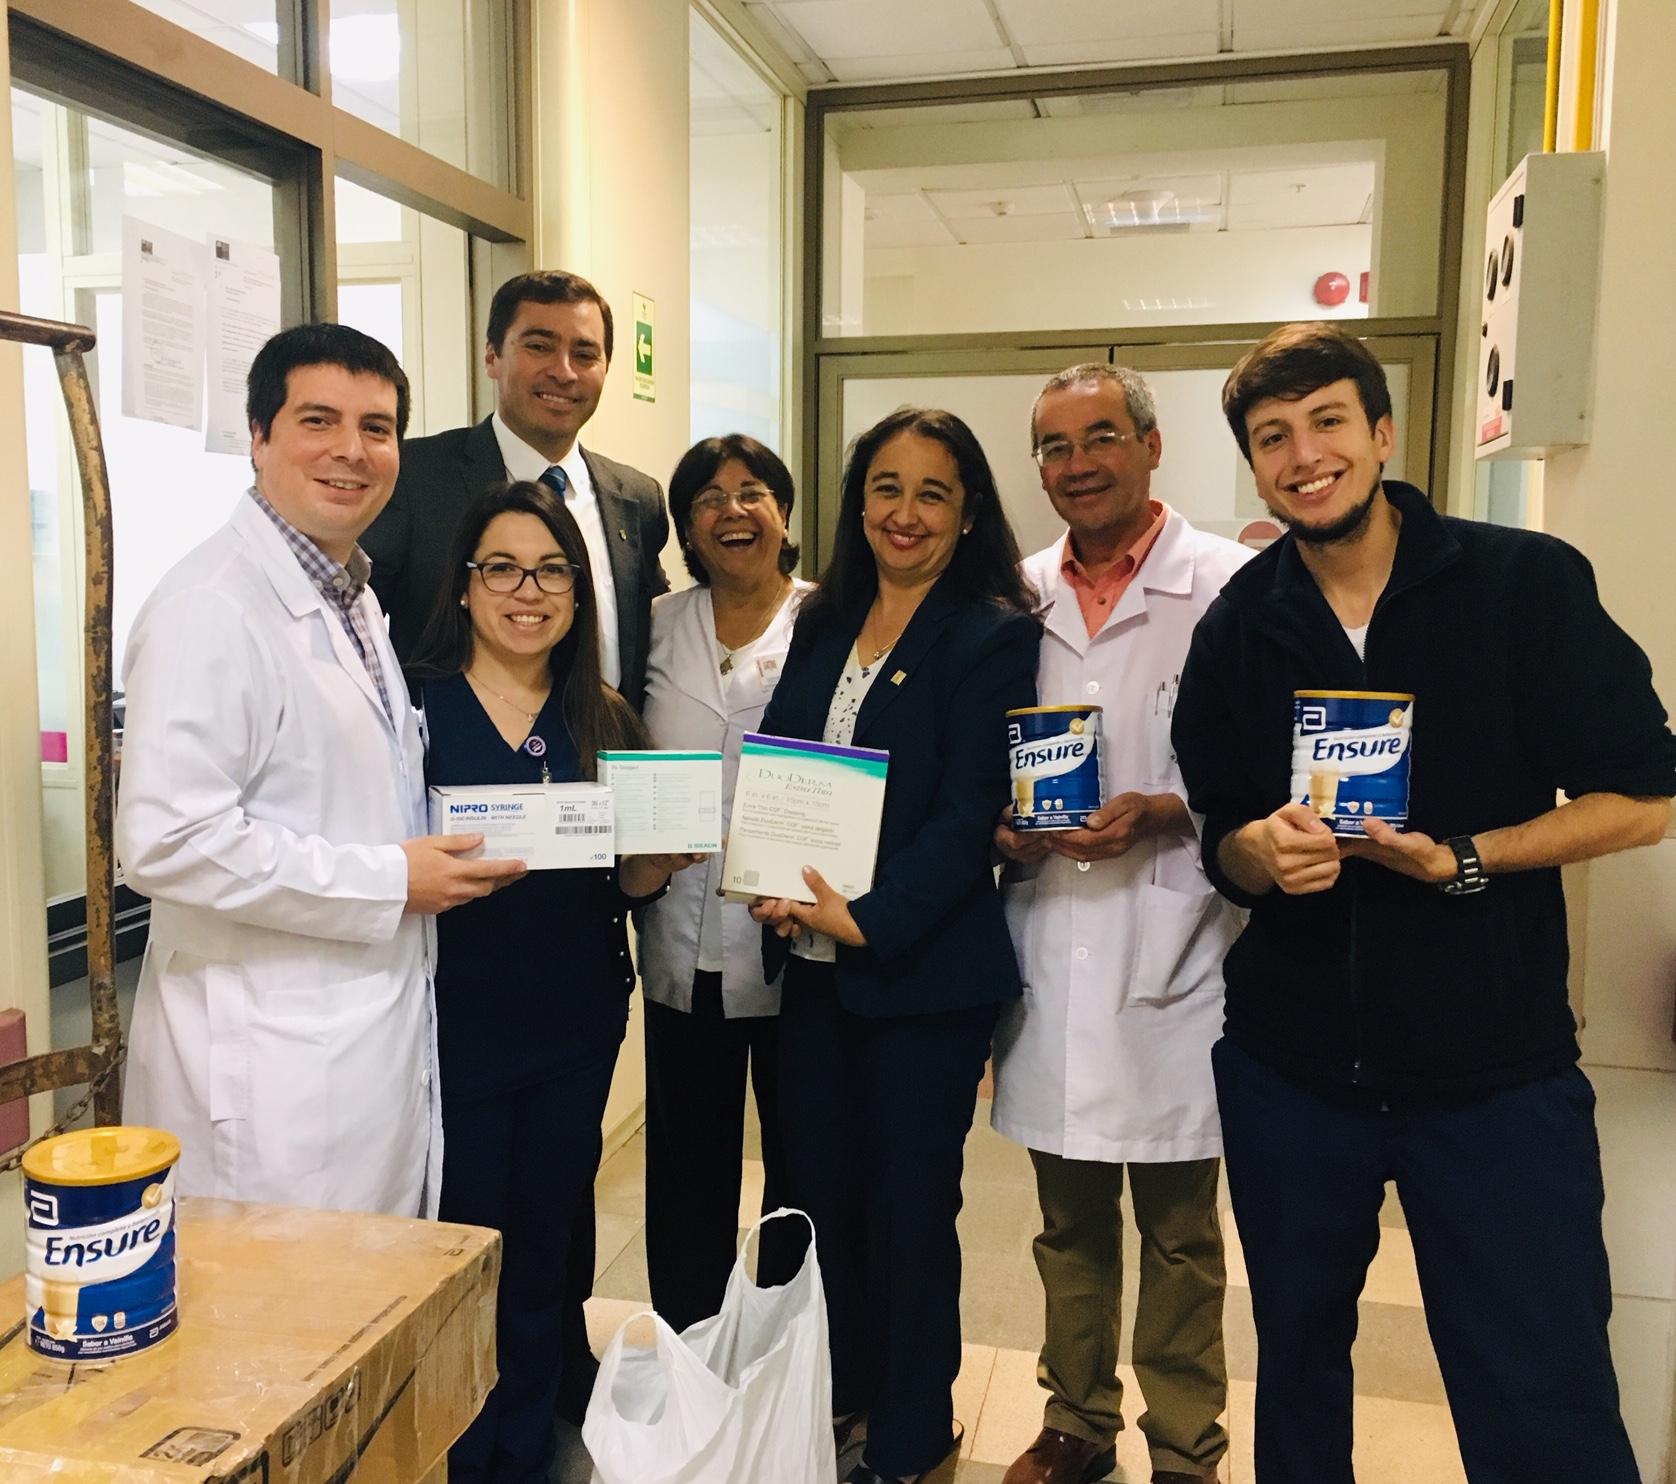 Facultad de Farmacia entregó donación a pacientes de Cuidados Paliativos del Hospital Guillermo Grant Benavente